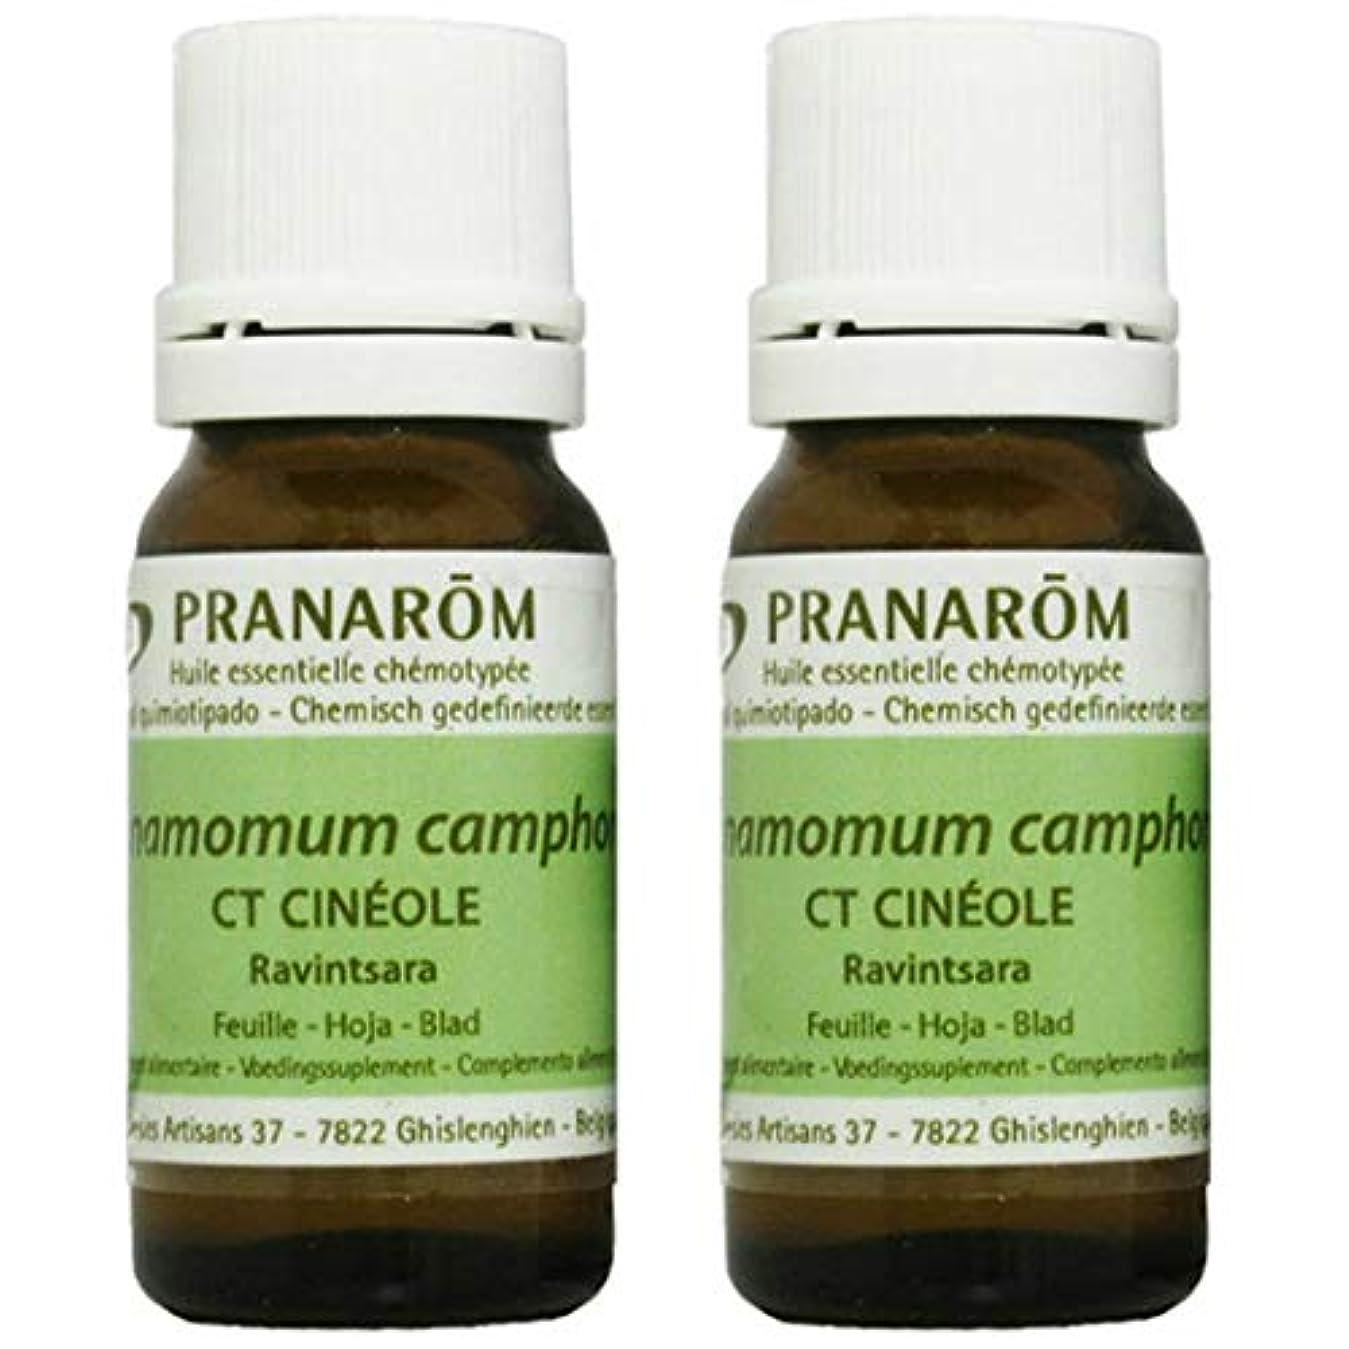 周り干し草アピールプラナロム ラヴィンツァラ 10ml 2本セット (PRANAROM ケモタイプ精油)